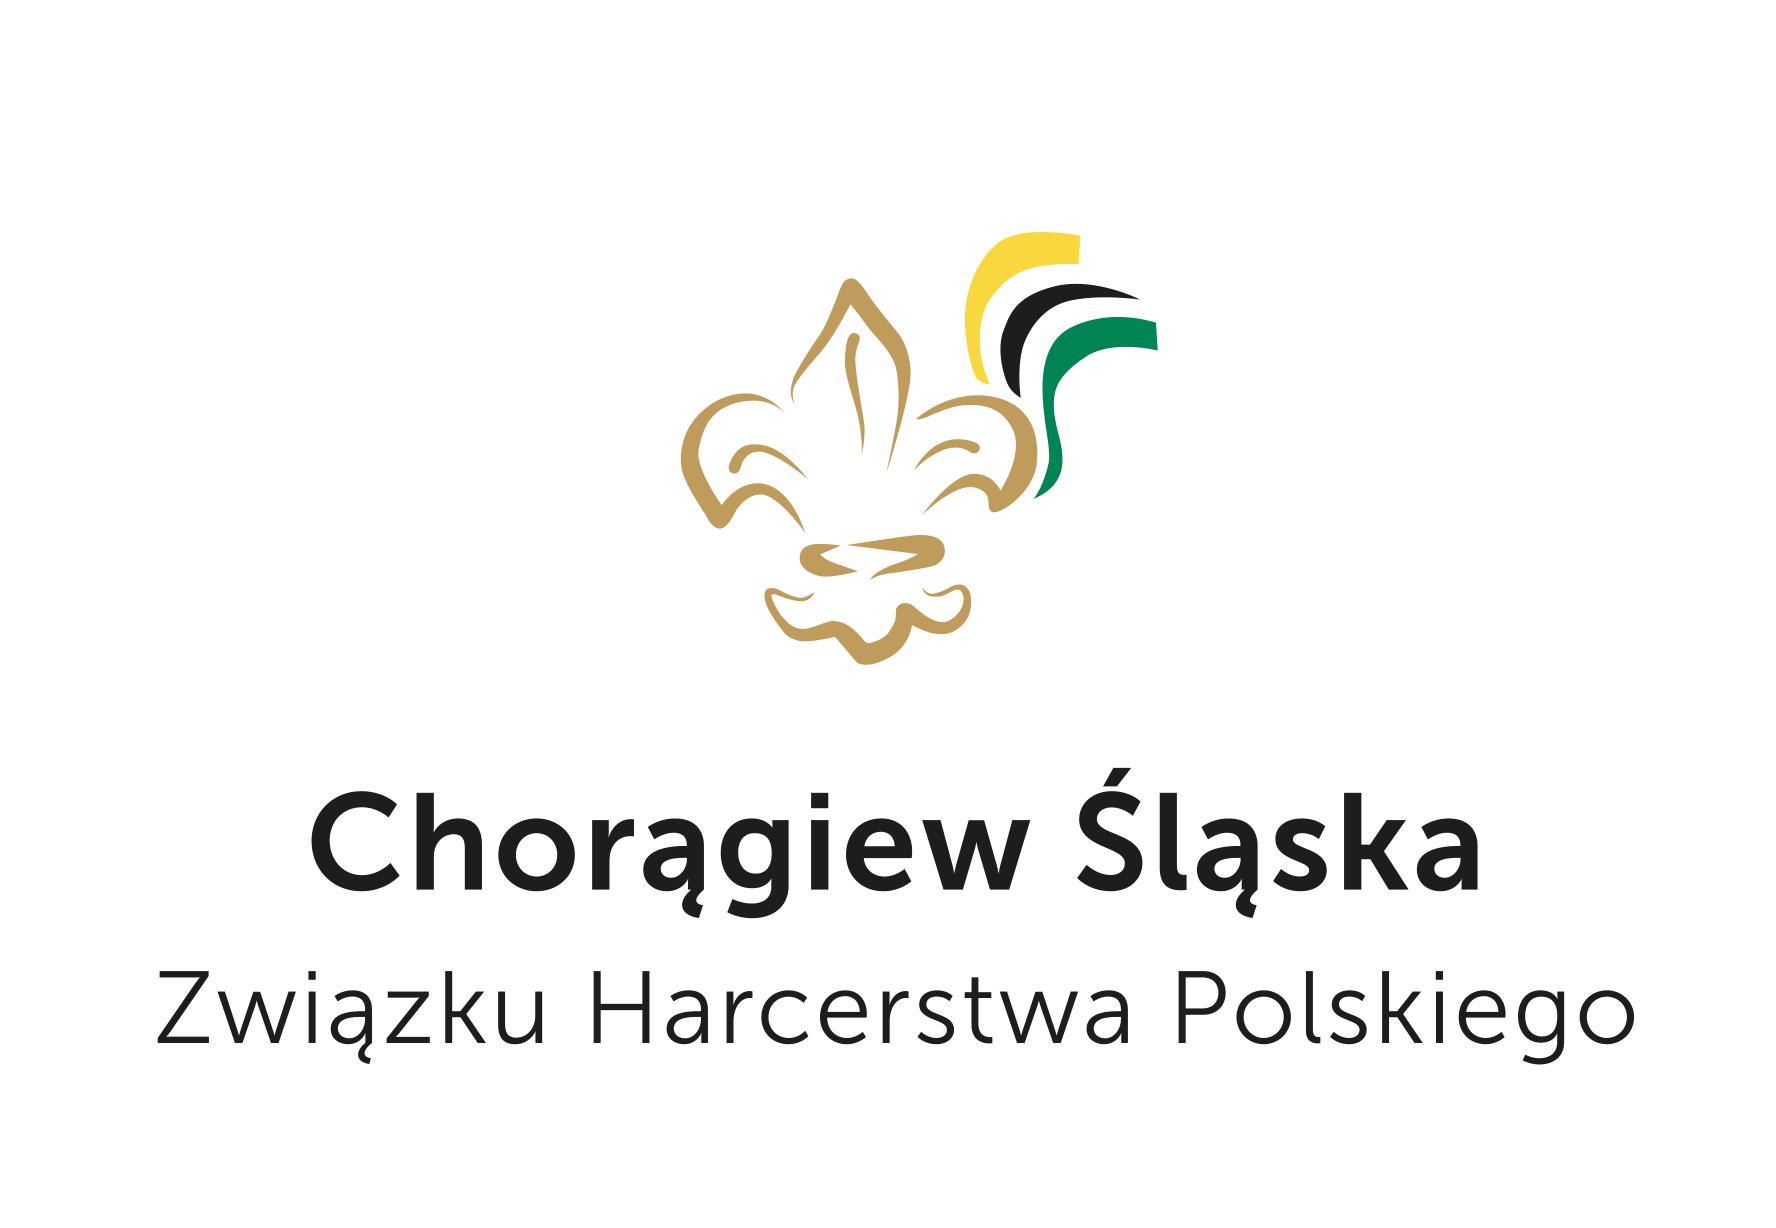 Chorągiew Śląska